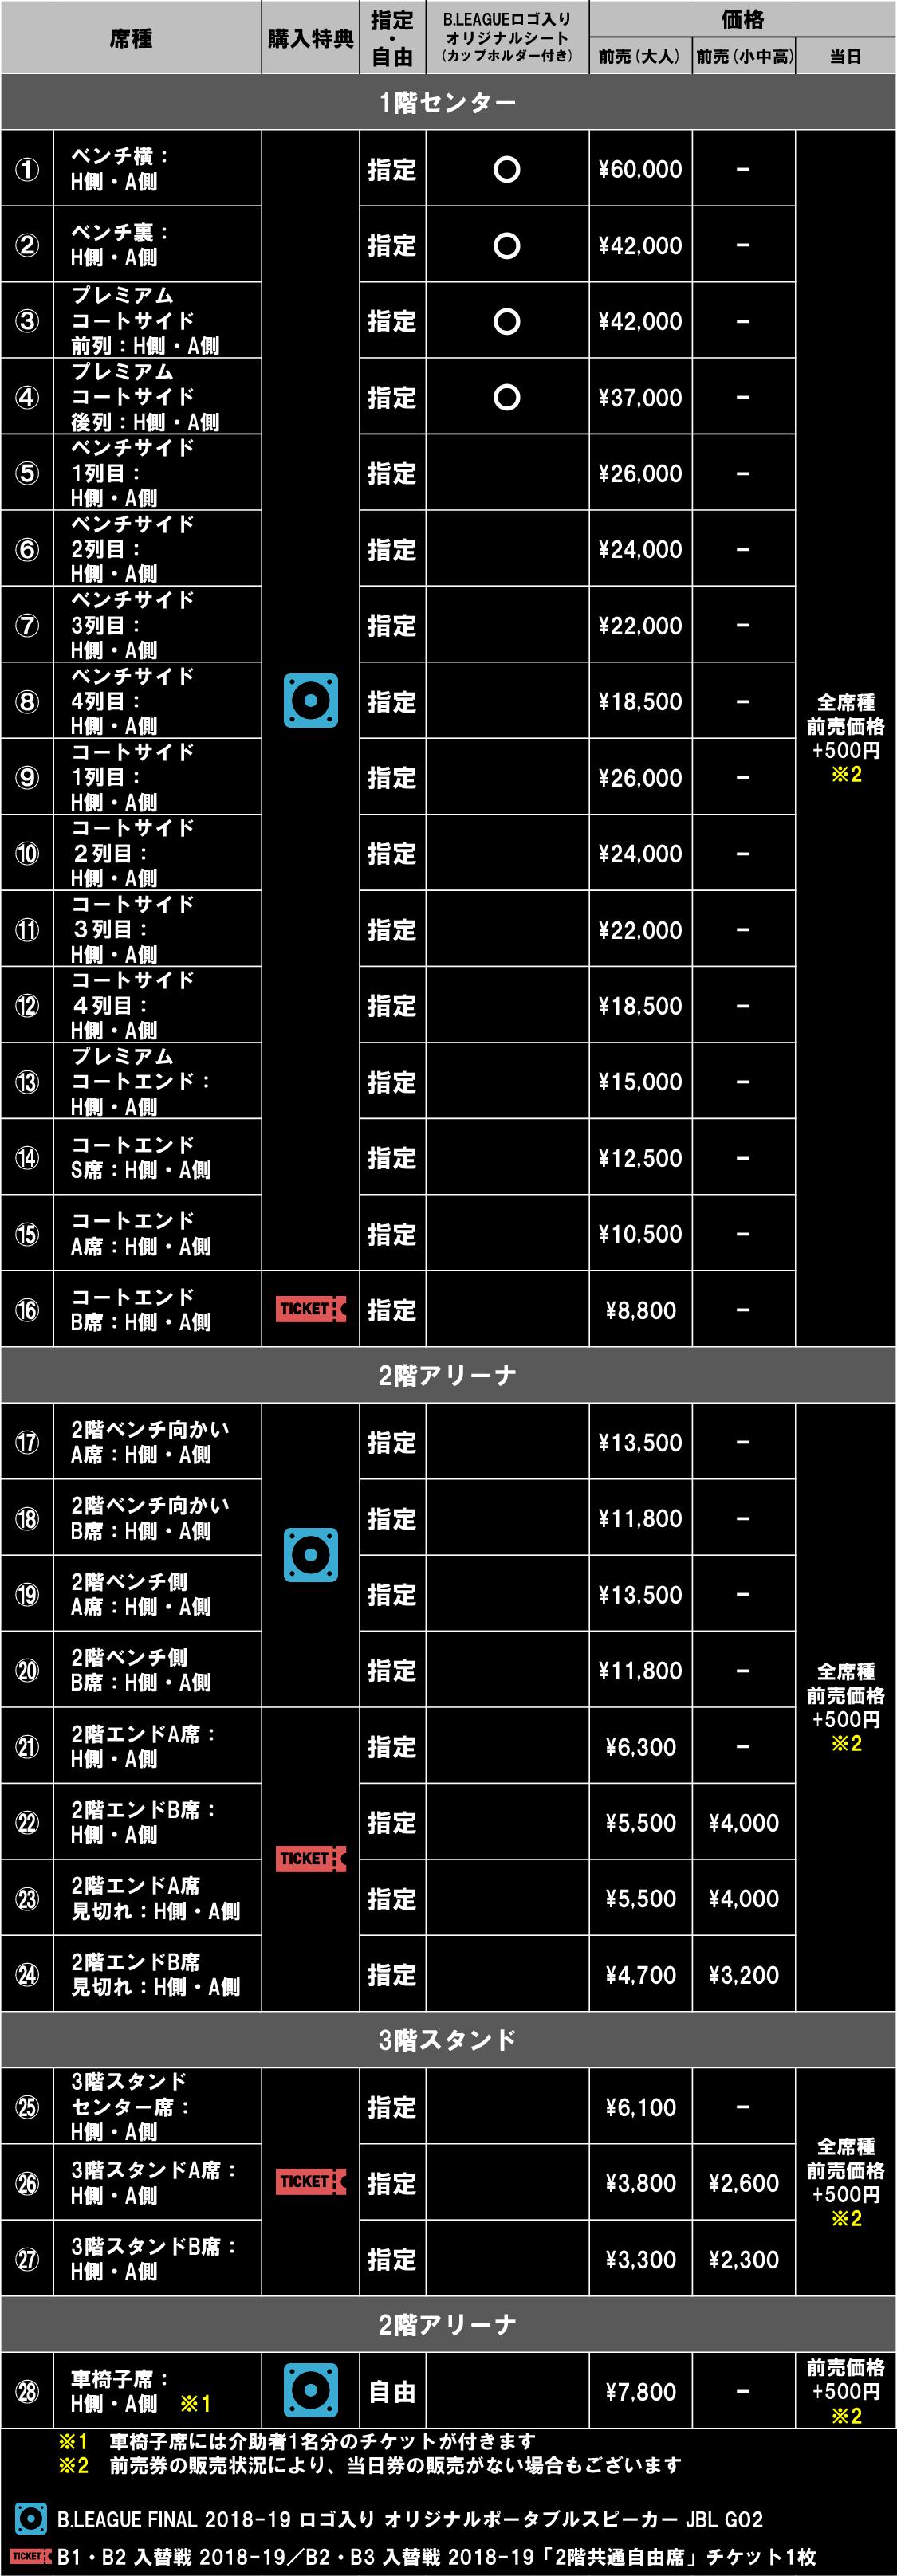 日程 b リーグ 順位表